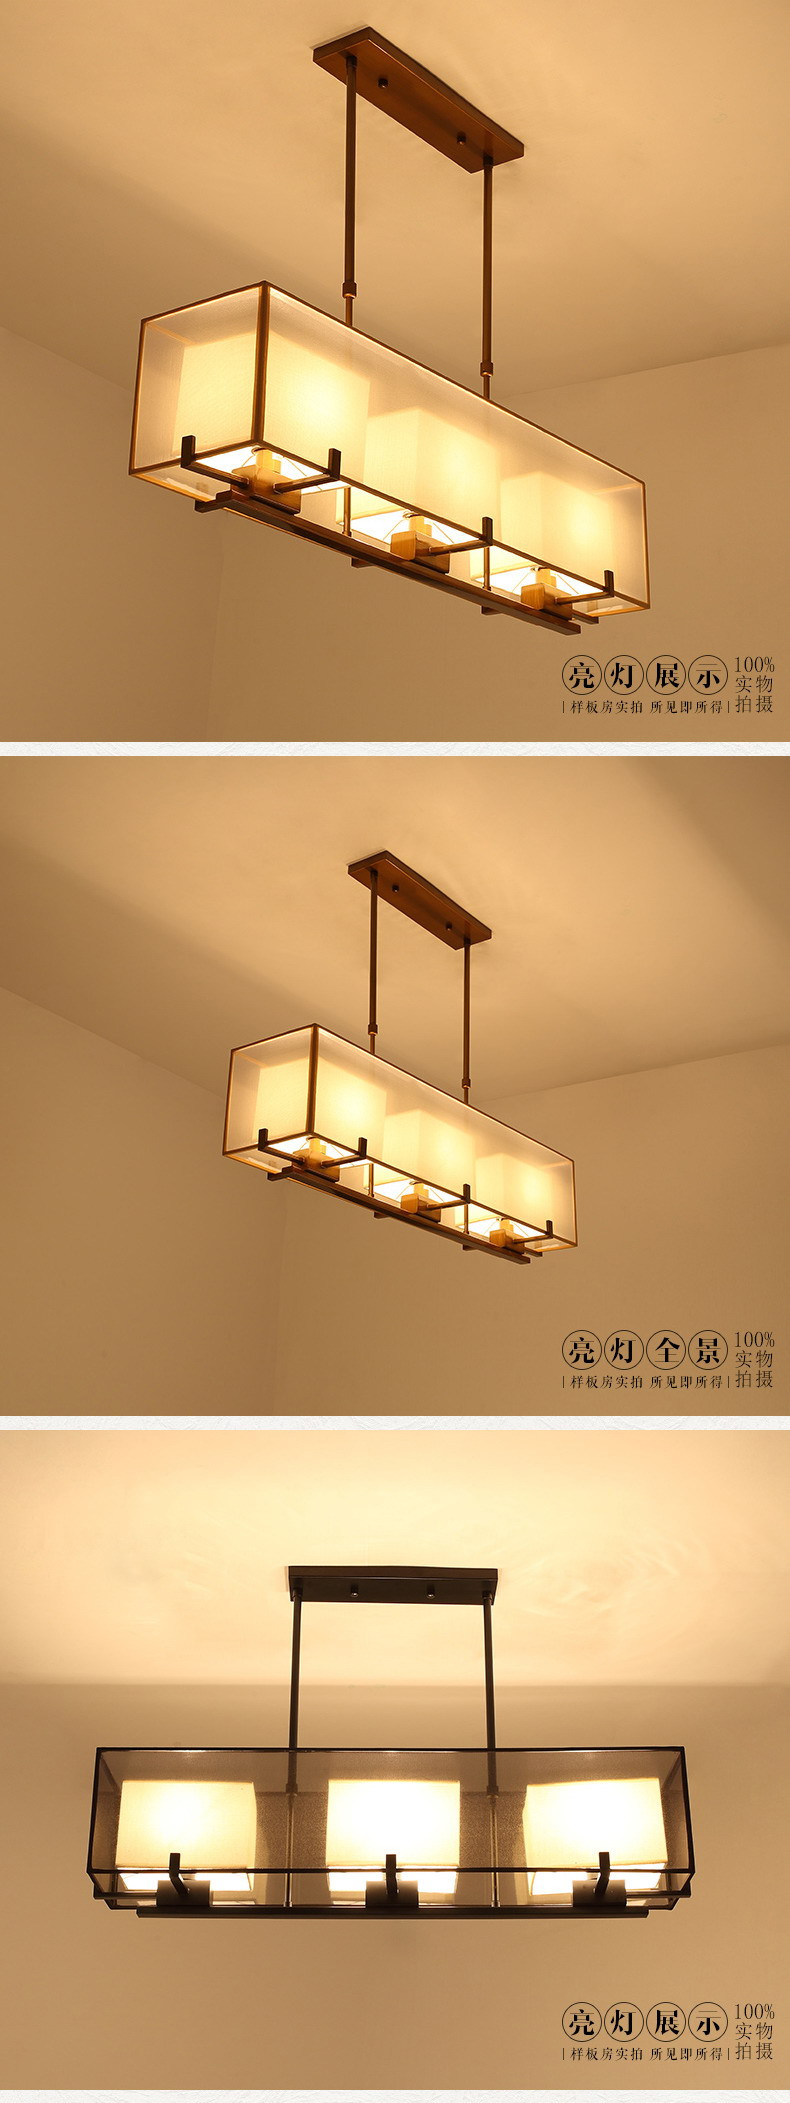 巴保莎長方形新中式餐廳吊燈仿古現代簡約客廳臥室燈